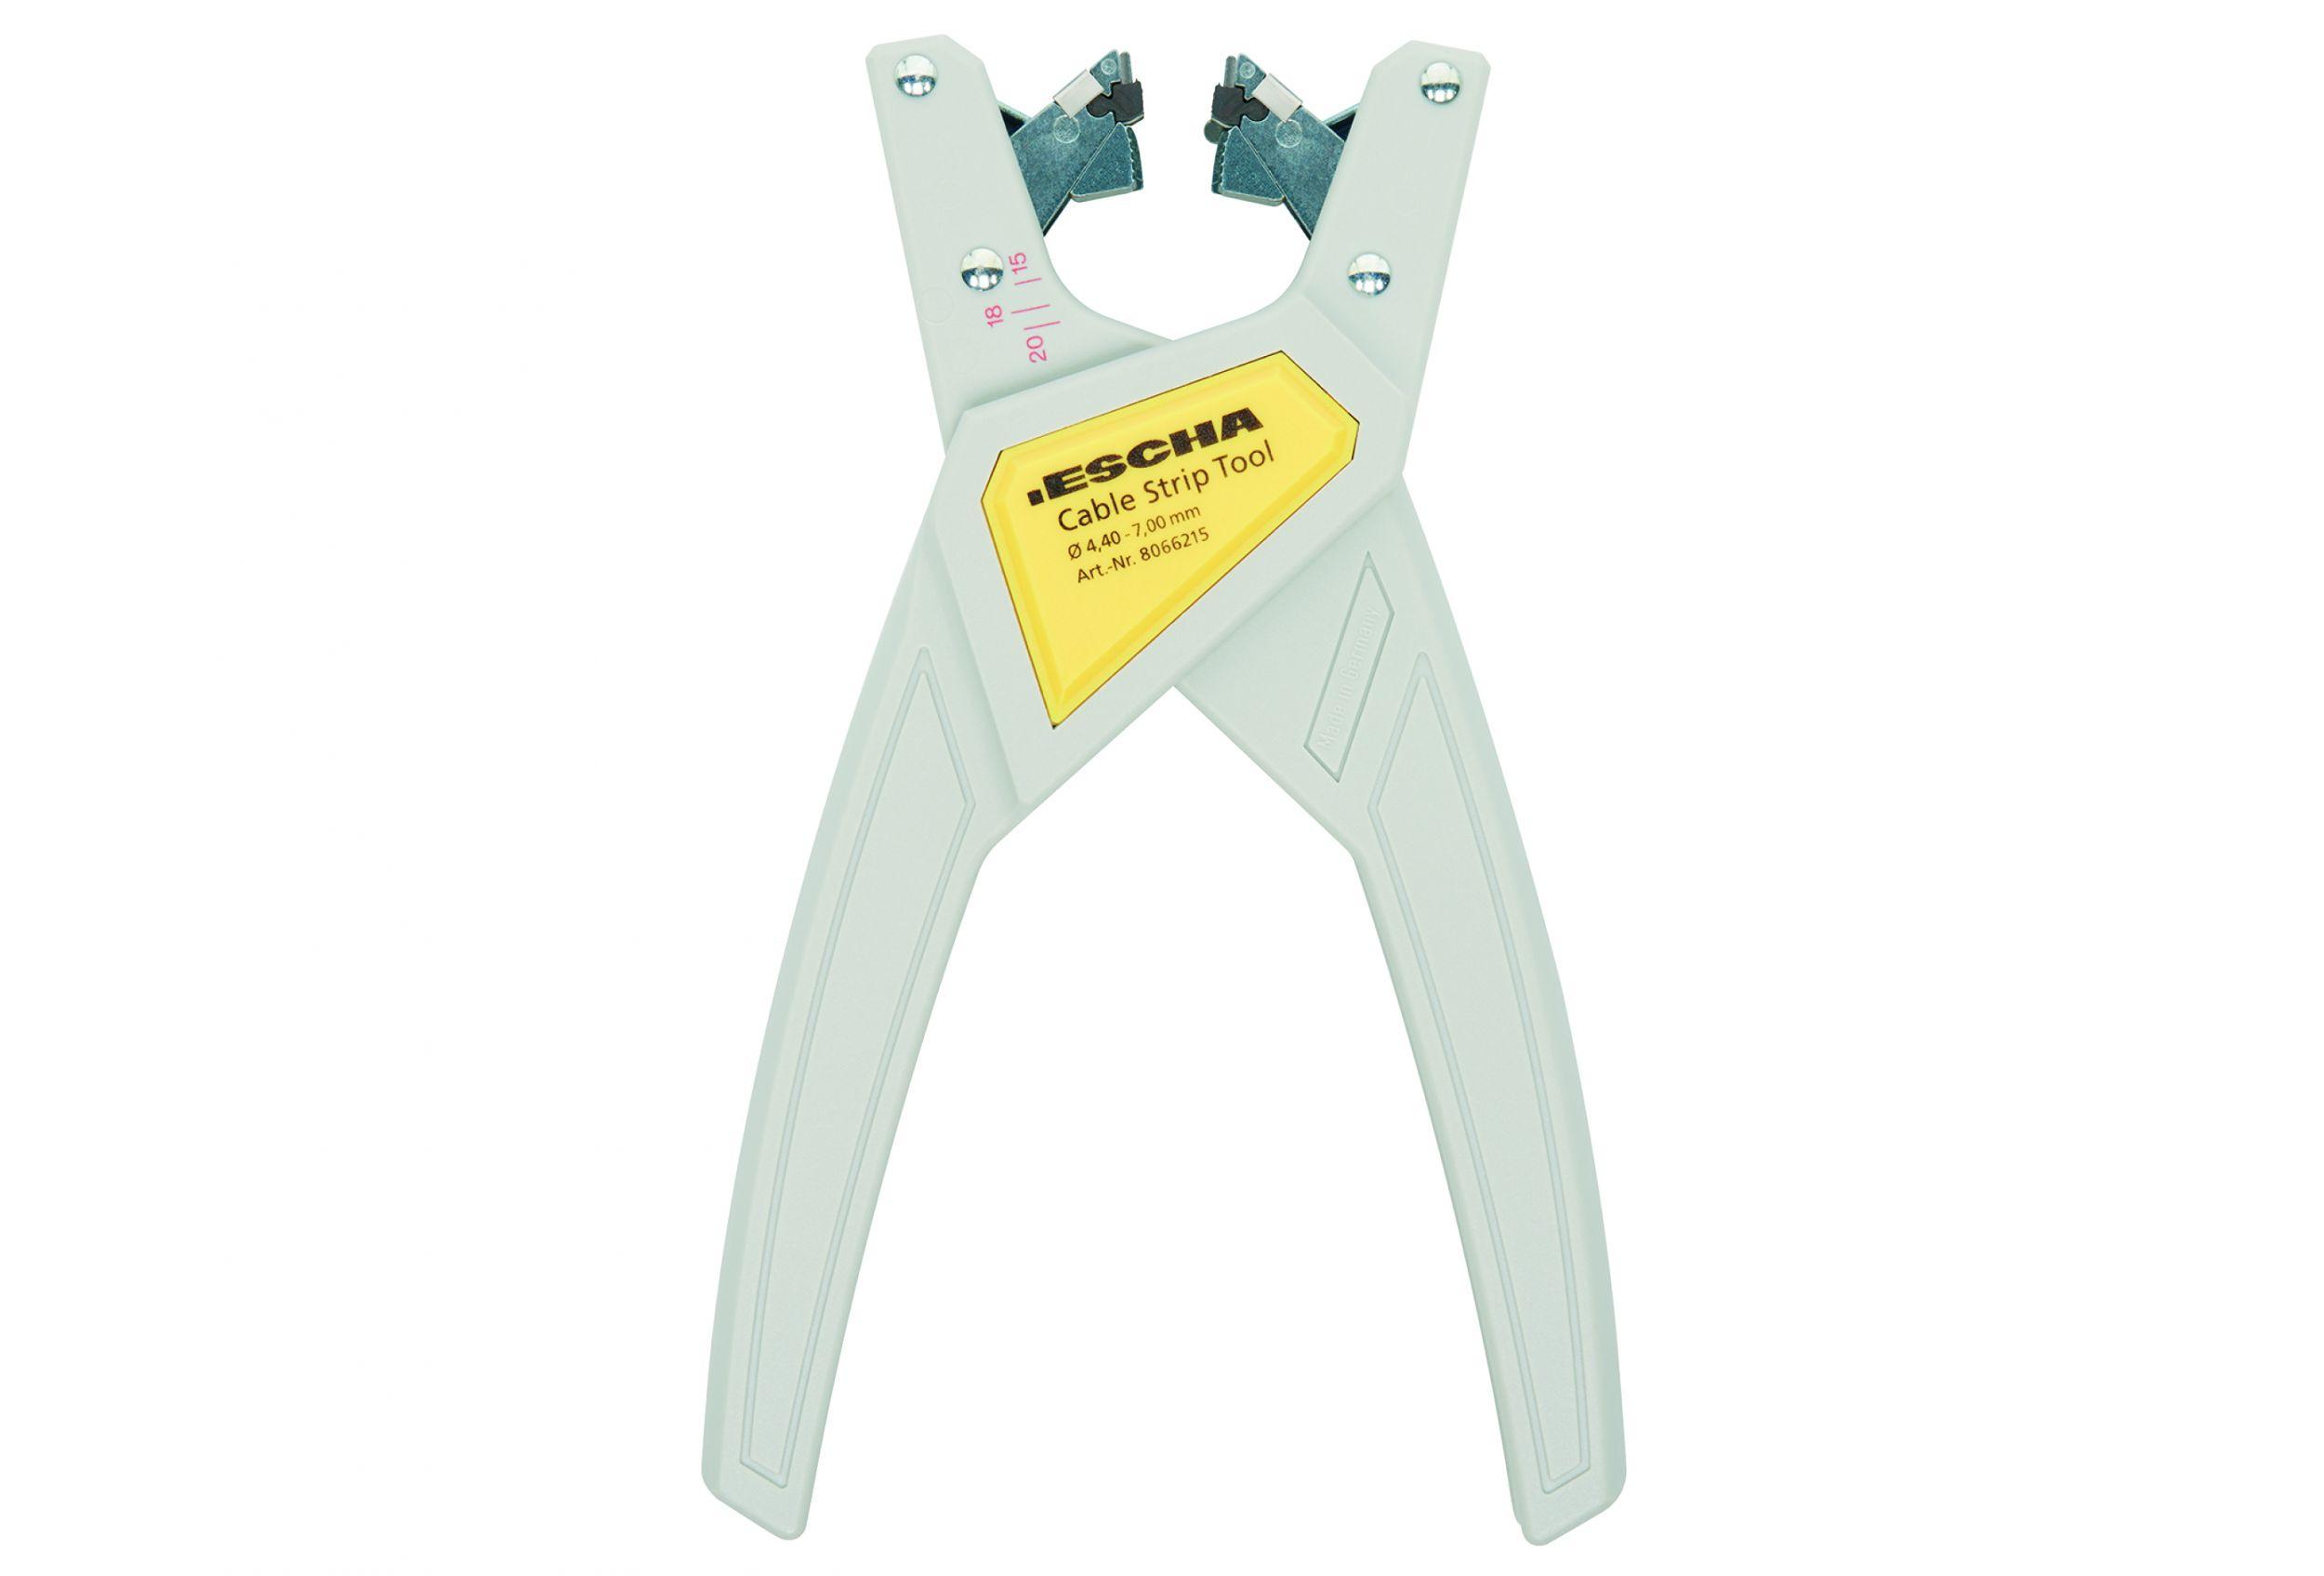 Werkzeuge zum Abmanteln von Leitungen